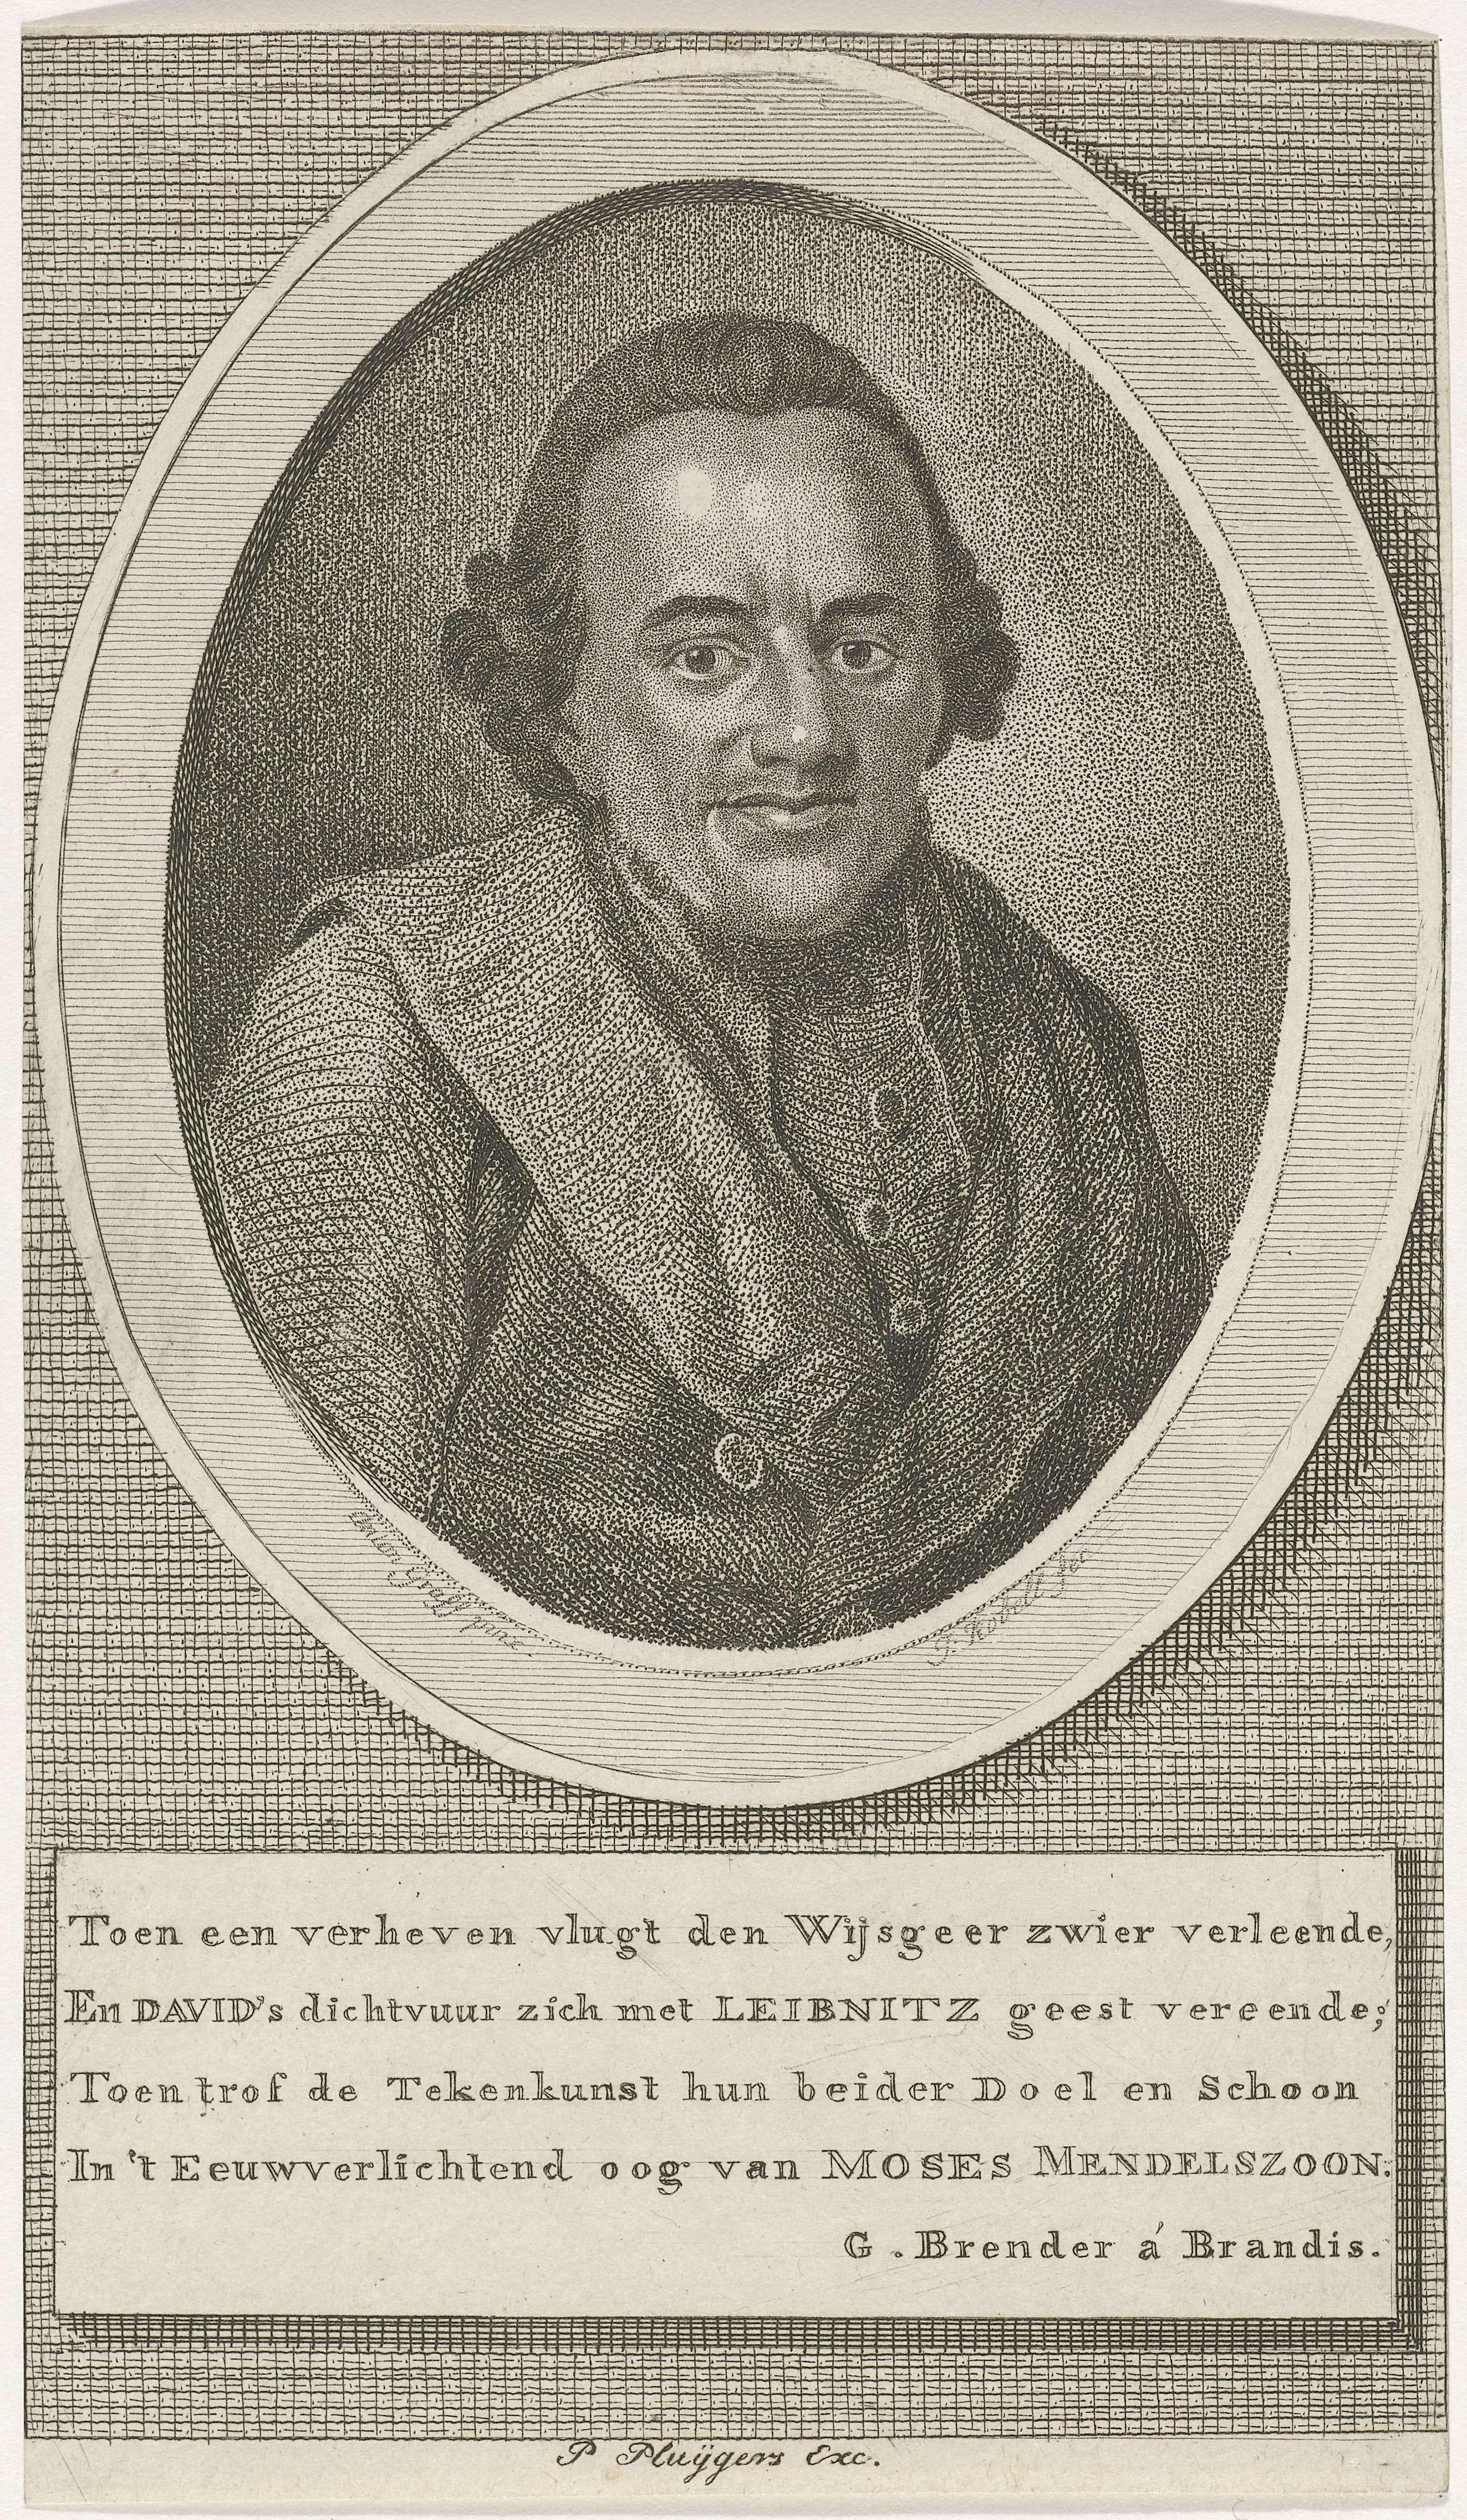 Jan Kobell (I) | Portret van Moses Mendelssohn, Jan Kobell (I), Brender à Brandis, P. Huijgers, 1766 - 1833 | Portretbuste van de filosoof en zijdekoopman Moses Mendelssohn. Onder de afbeelding een vierregelig vers in het Nederlands.